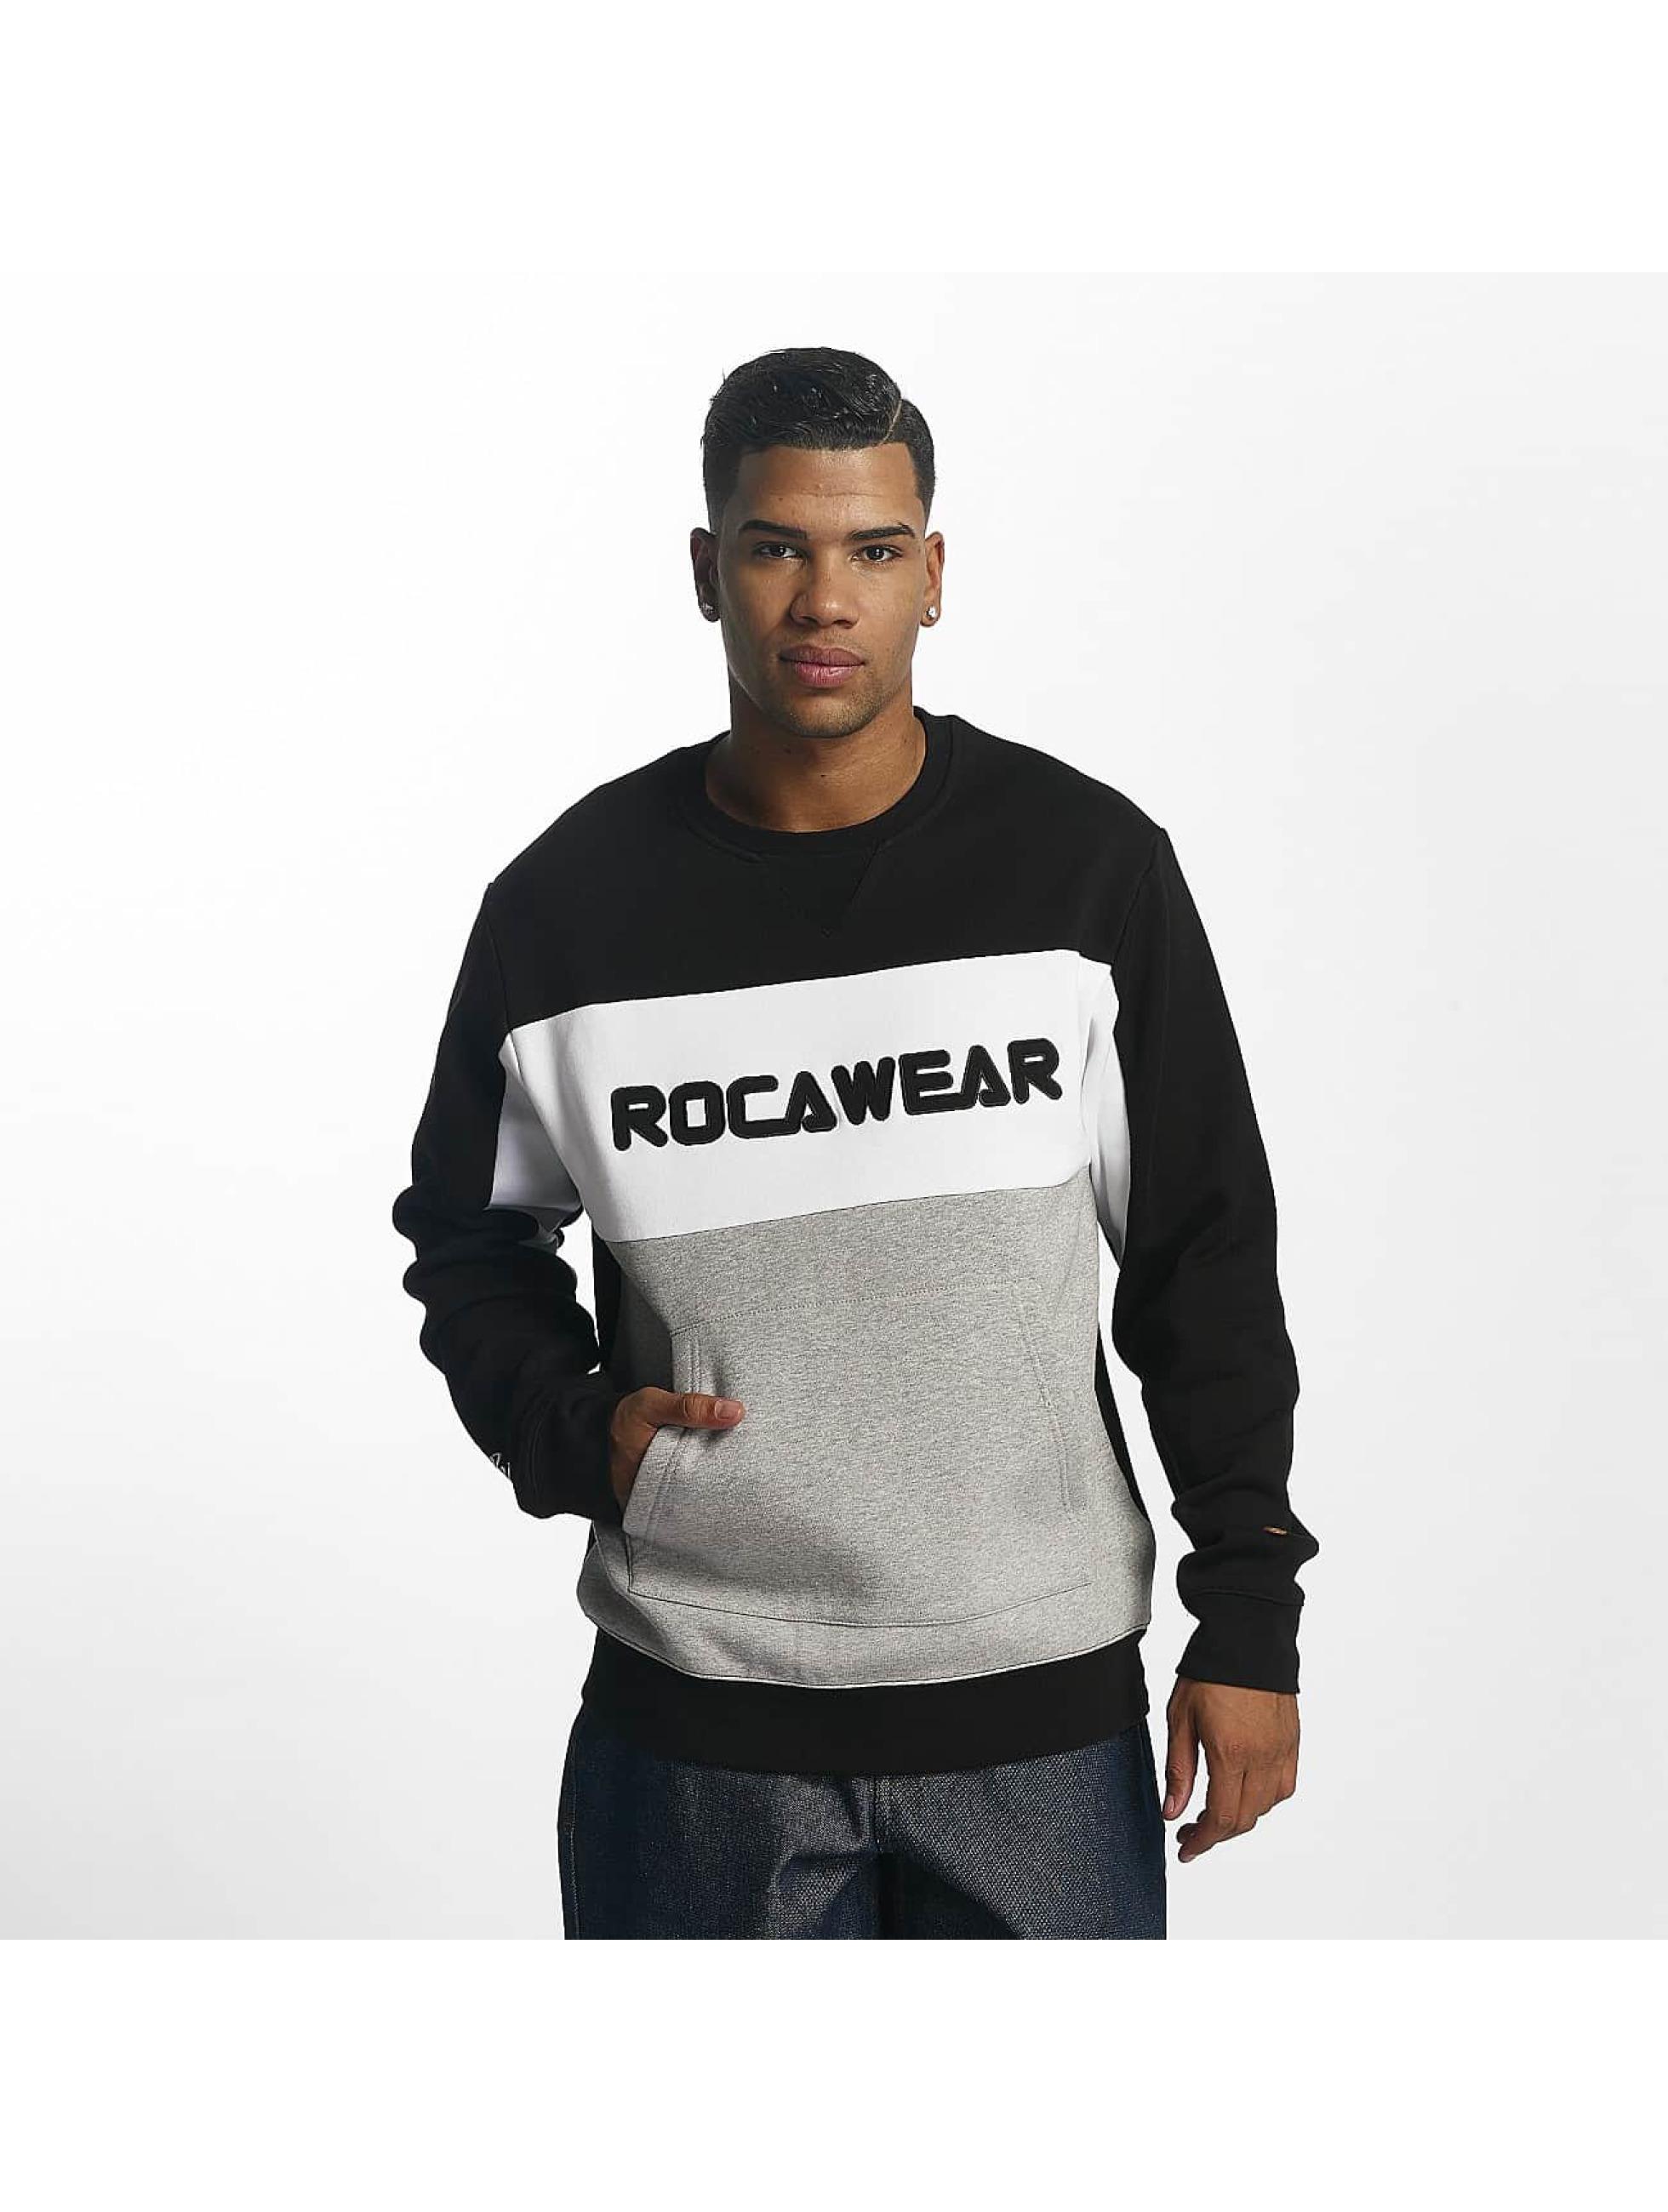 Rocawear / Jumper Ilias in black S